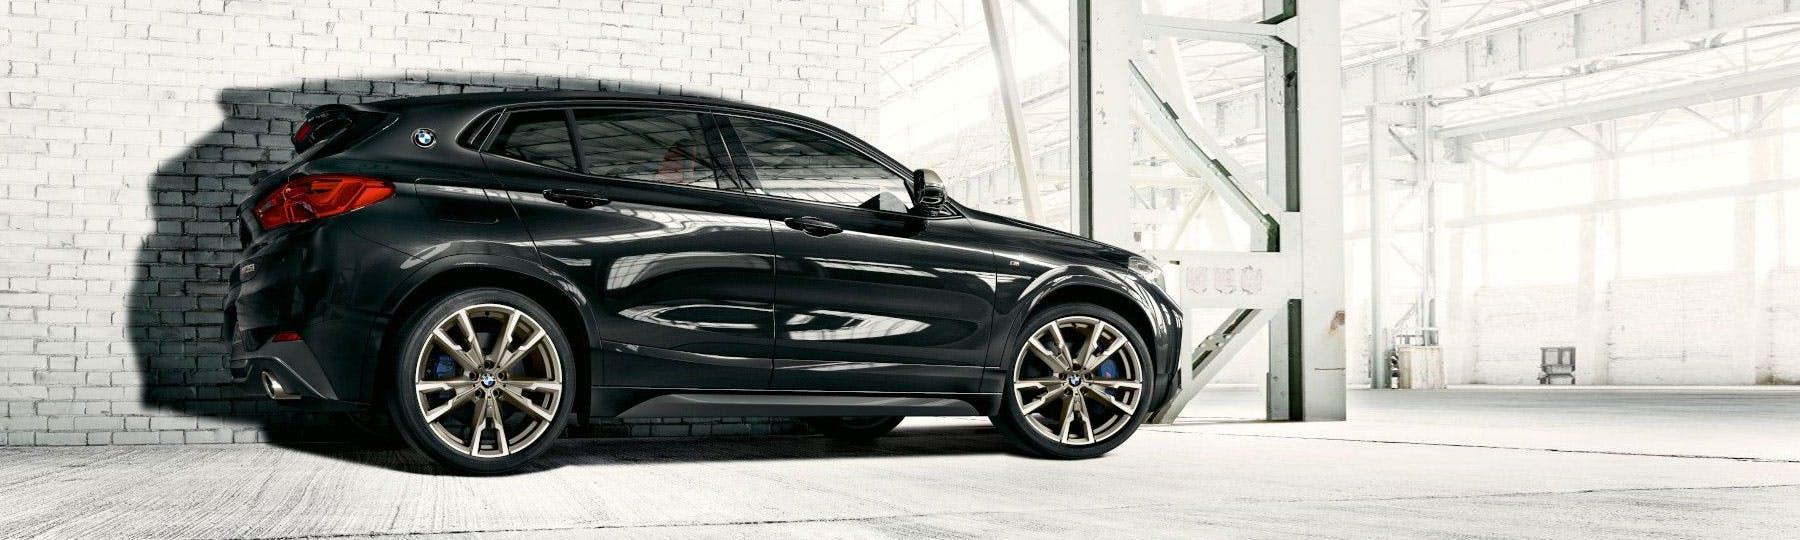 BMW X2 Motability